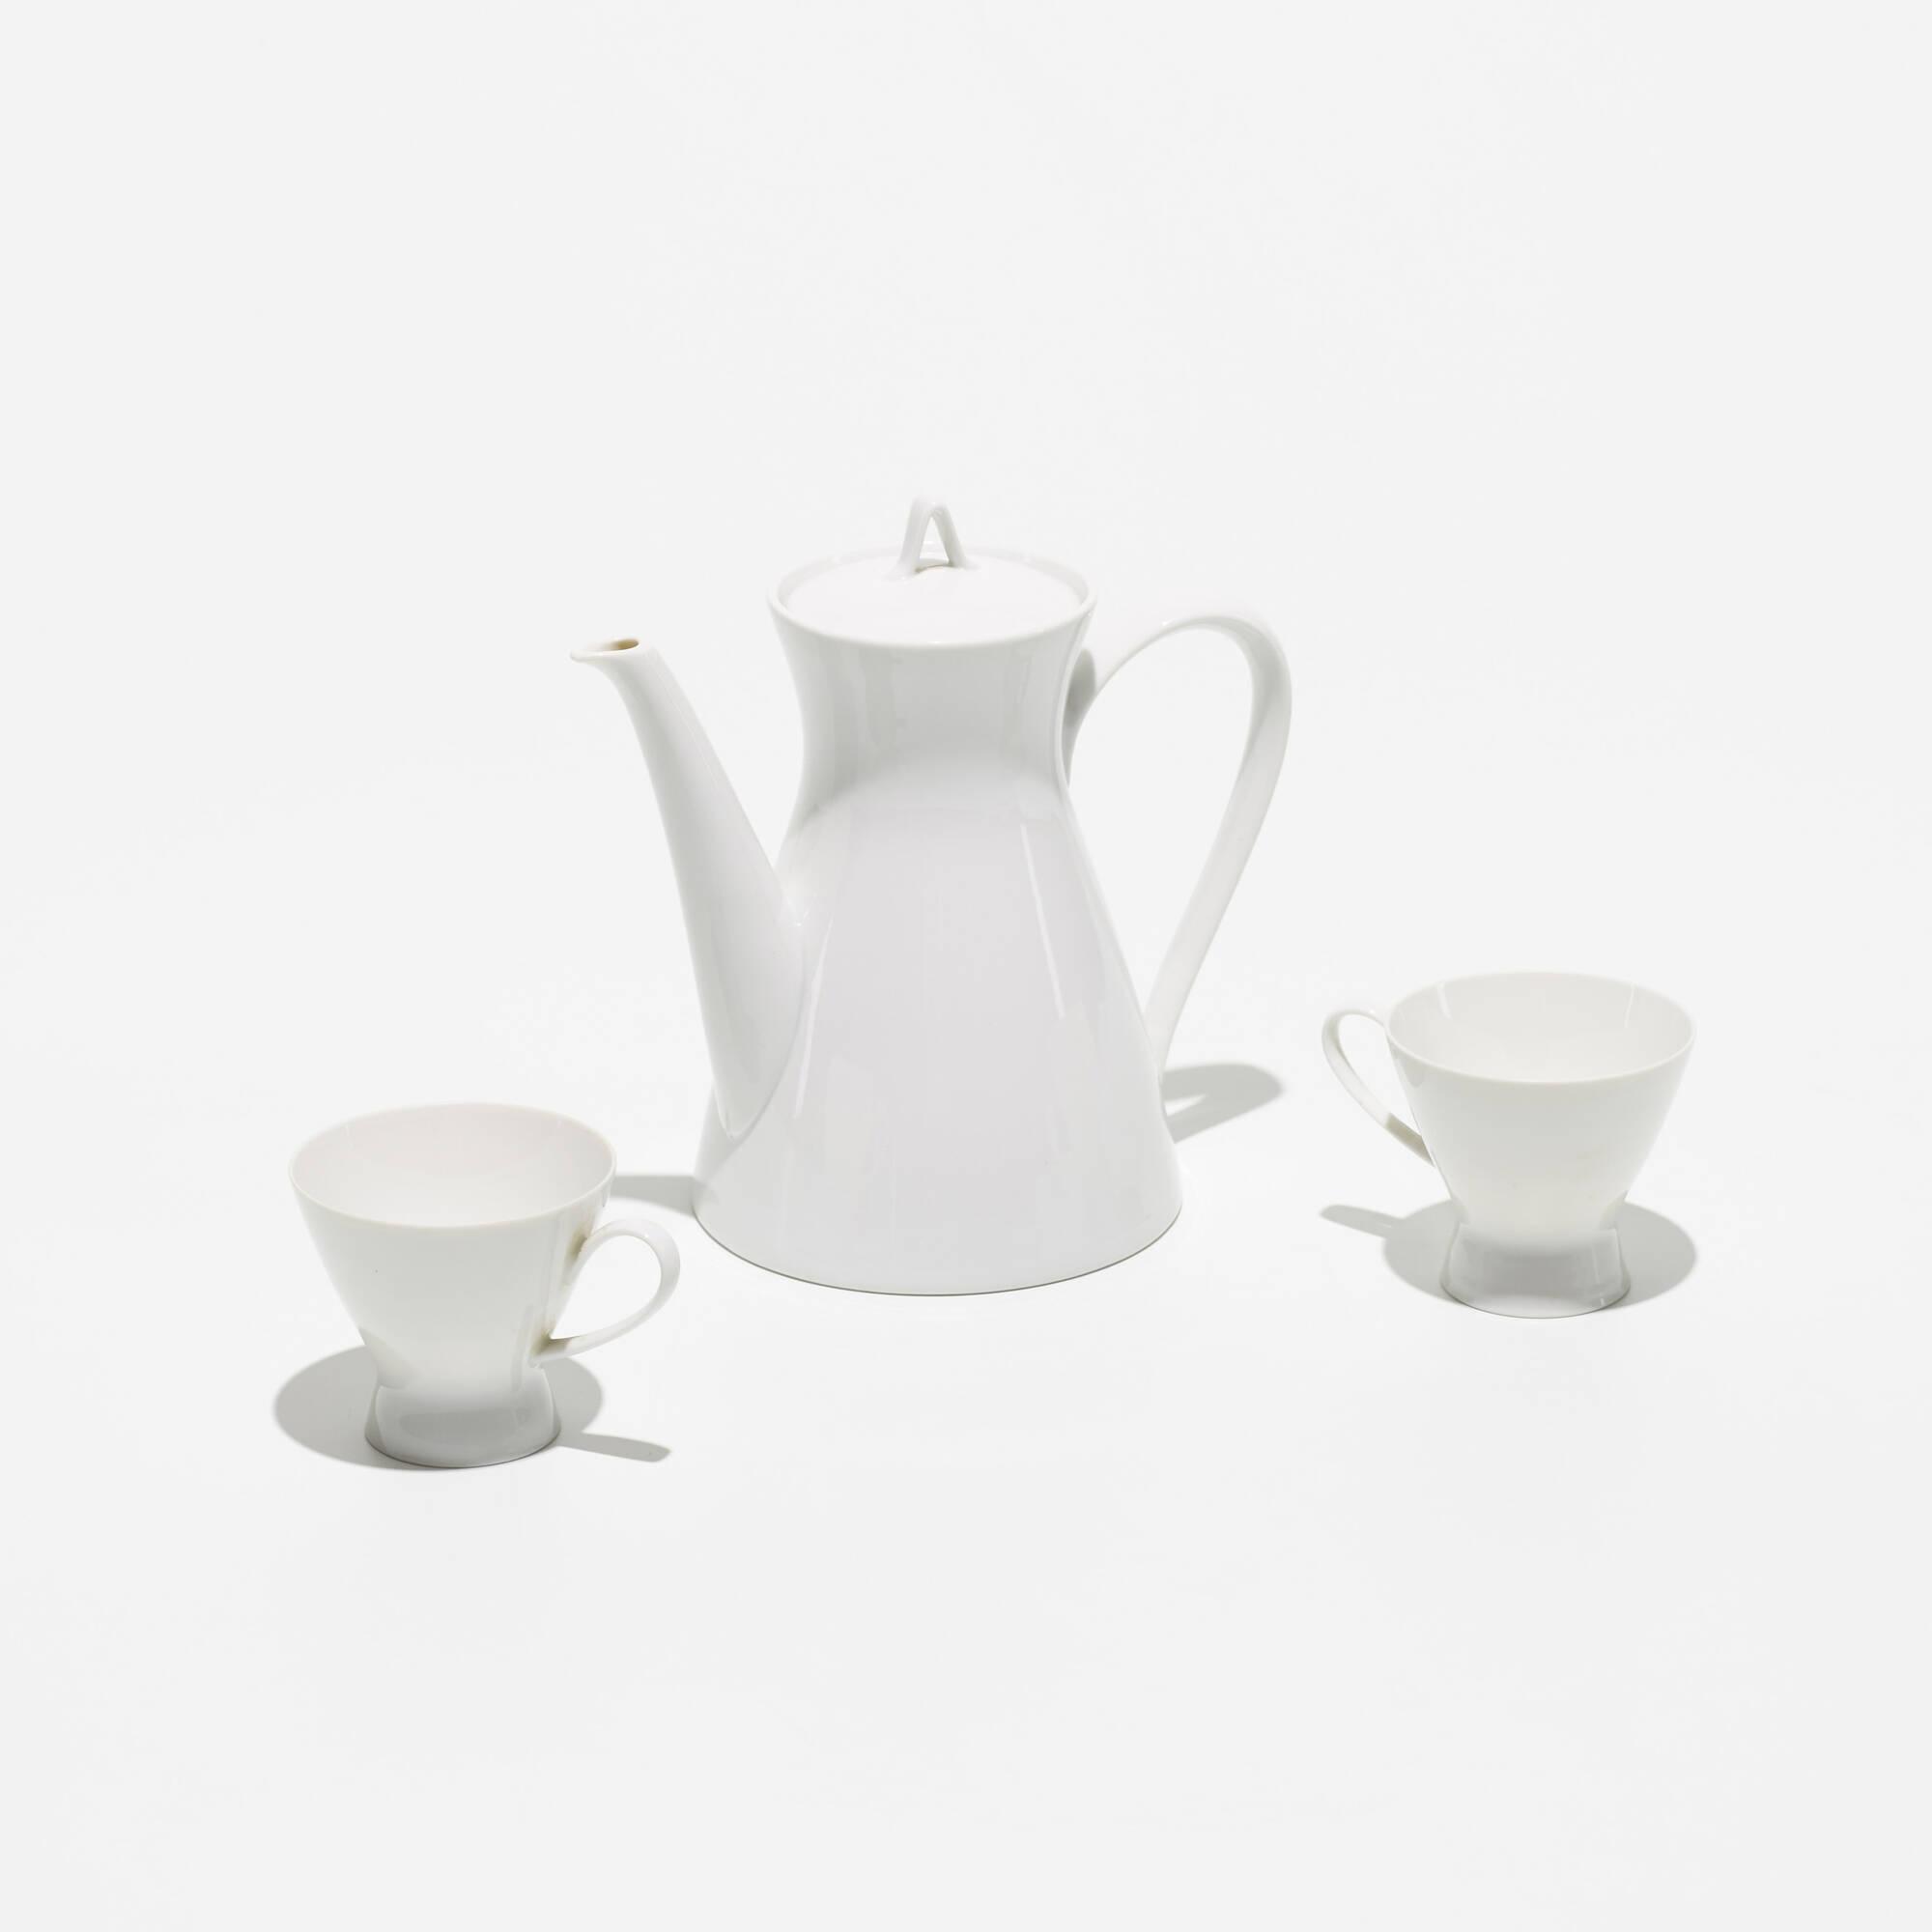 156: Raymond Loewy / coffee set (2 of 2)